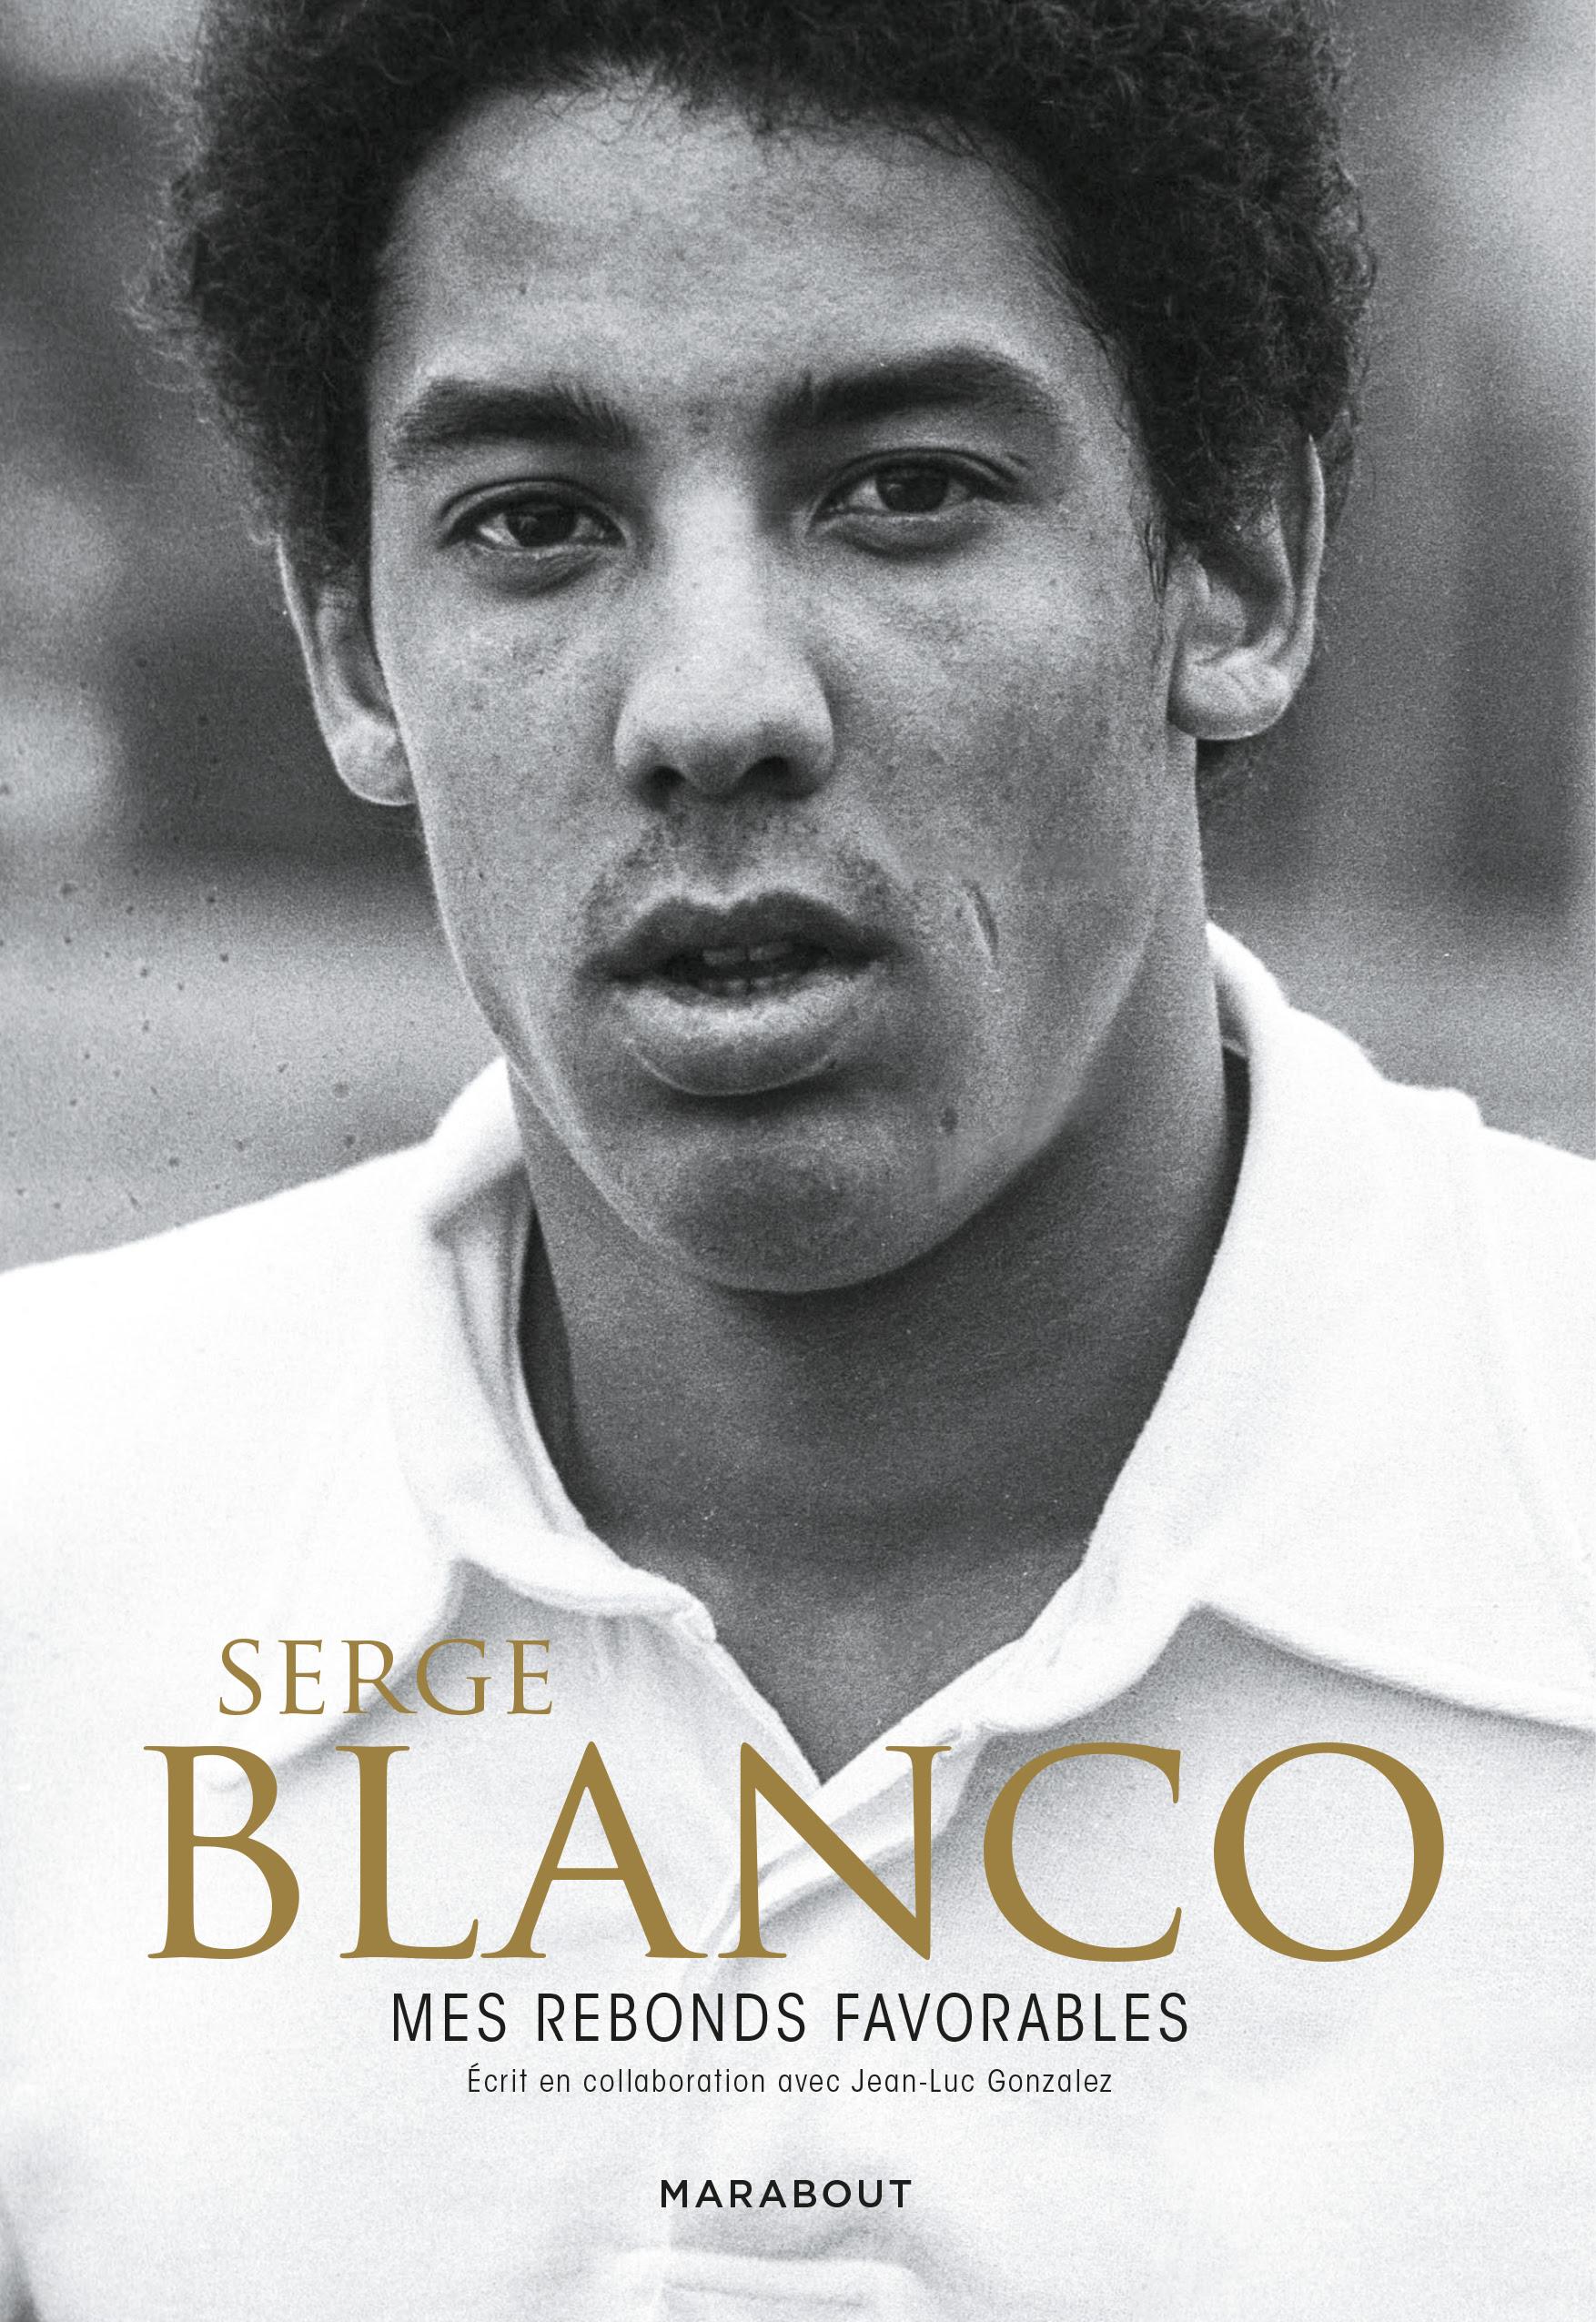 Serge Blanco en dédicace à Toulouse